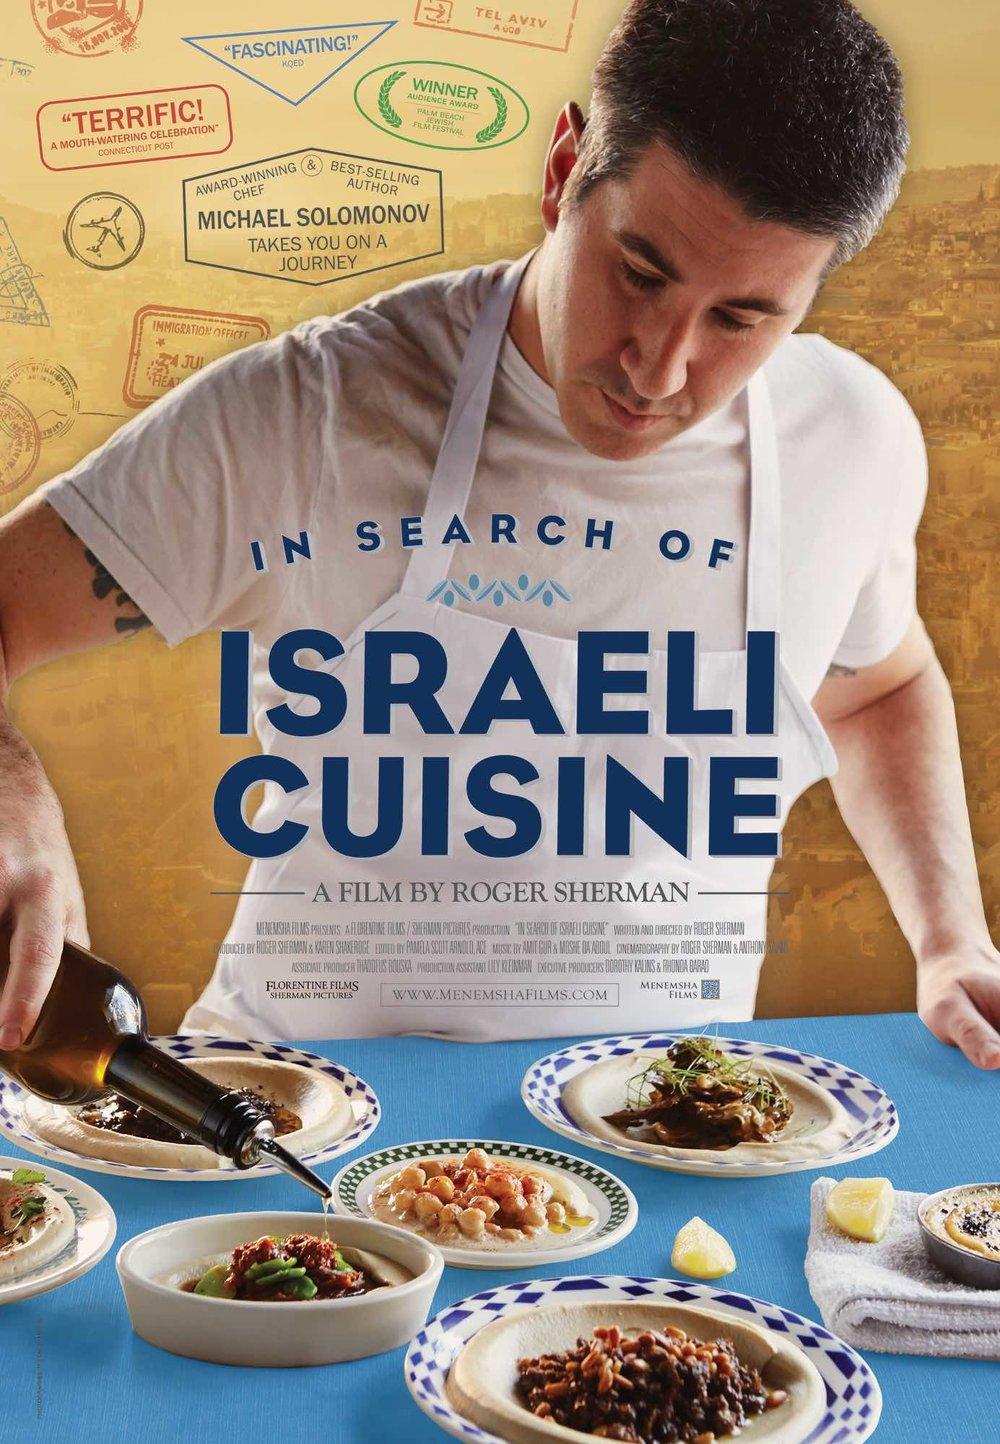 Israeli Cuisine - Theatrical Poster.jpg